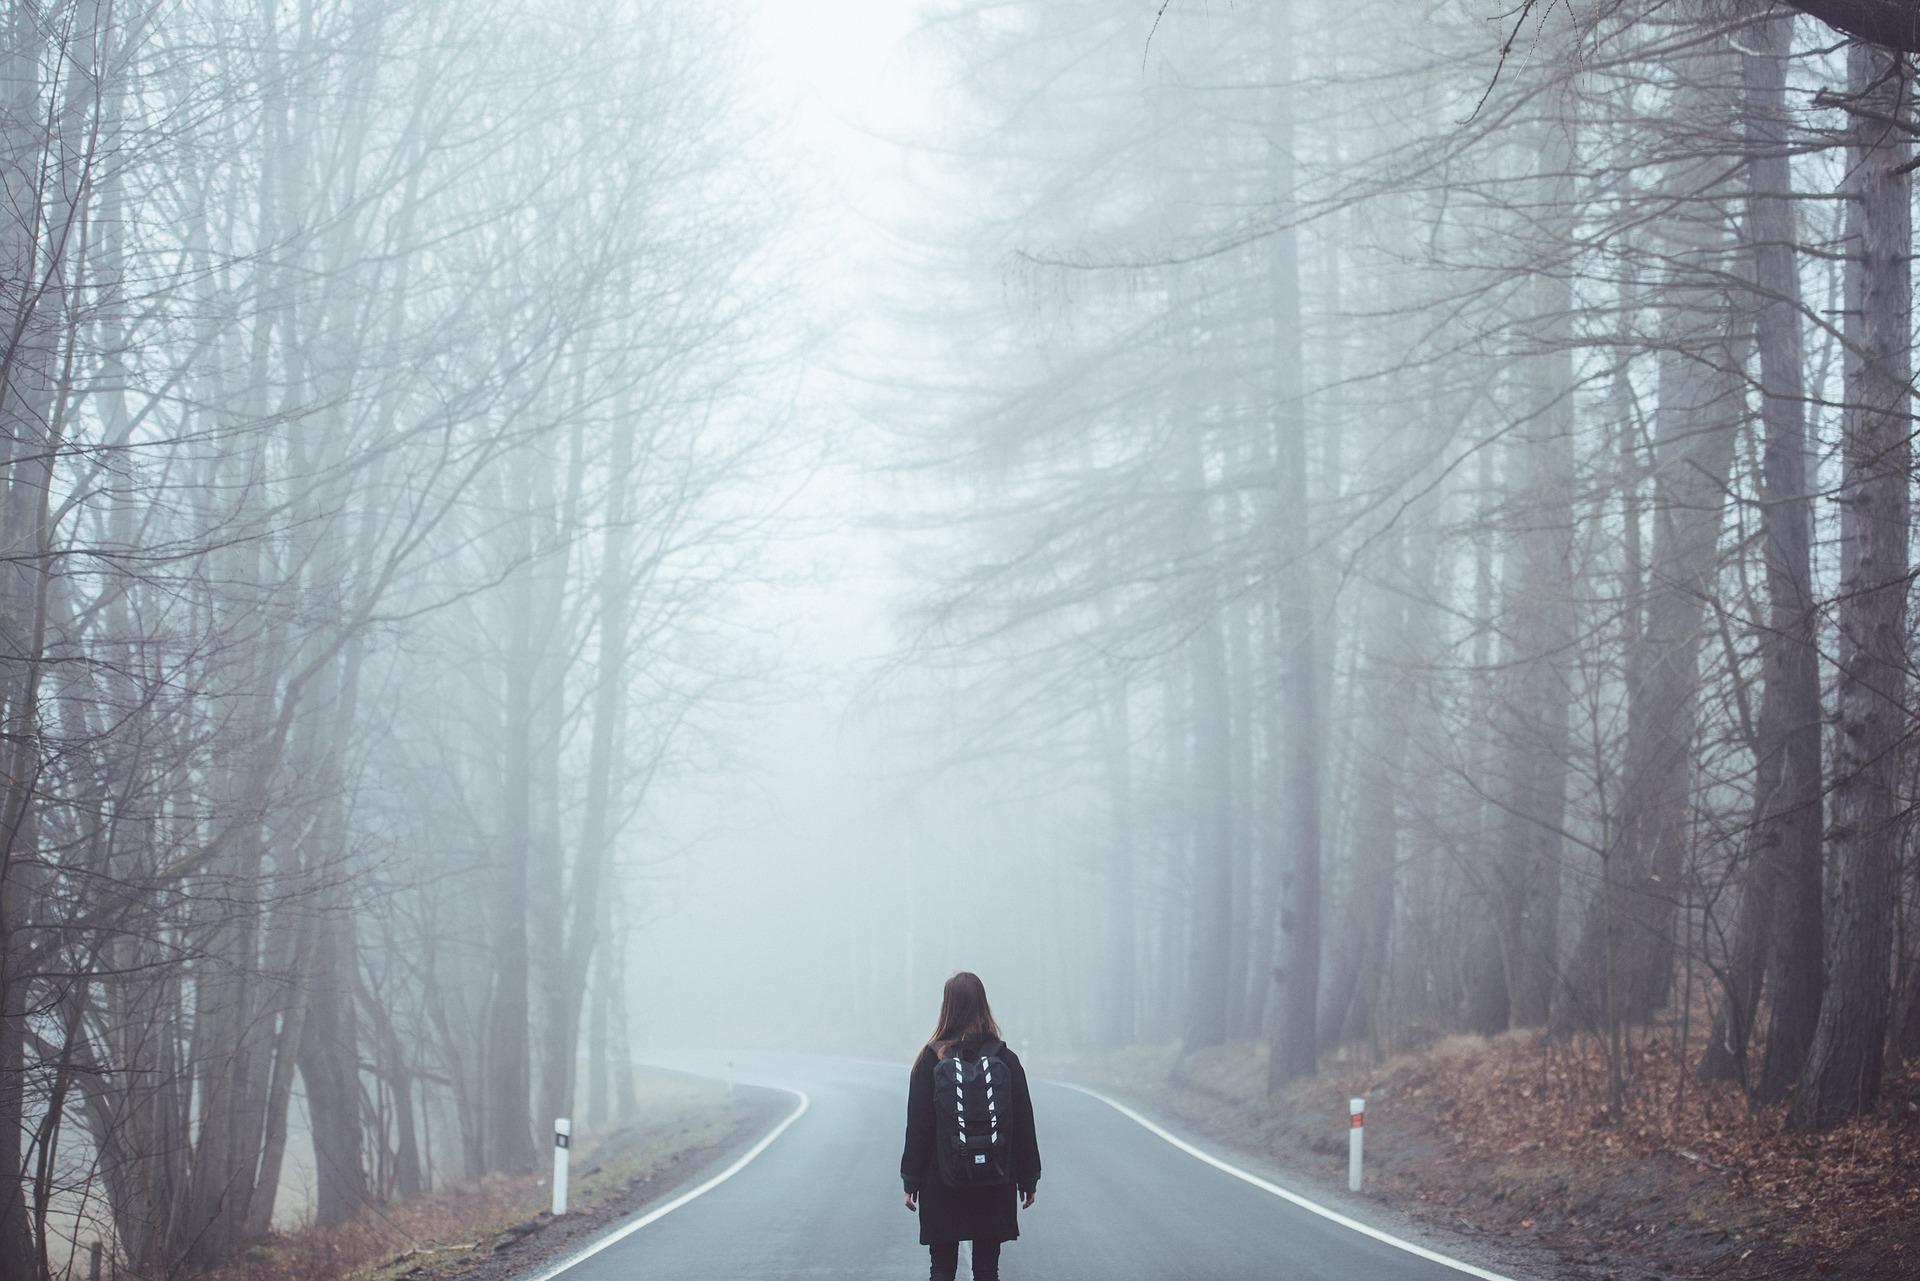 Top 5 Most Haunted Roads in America